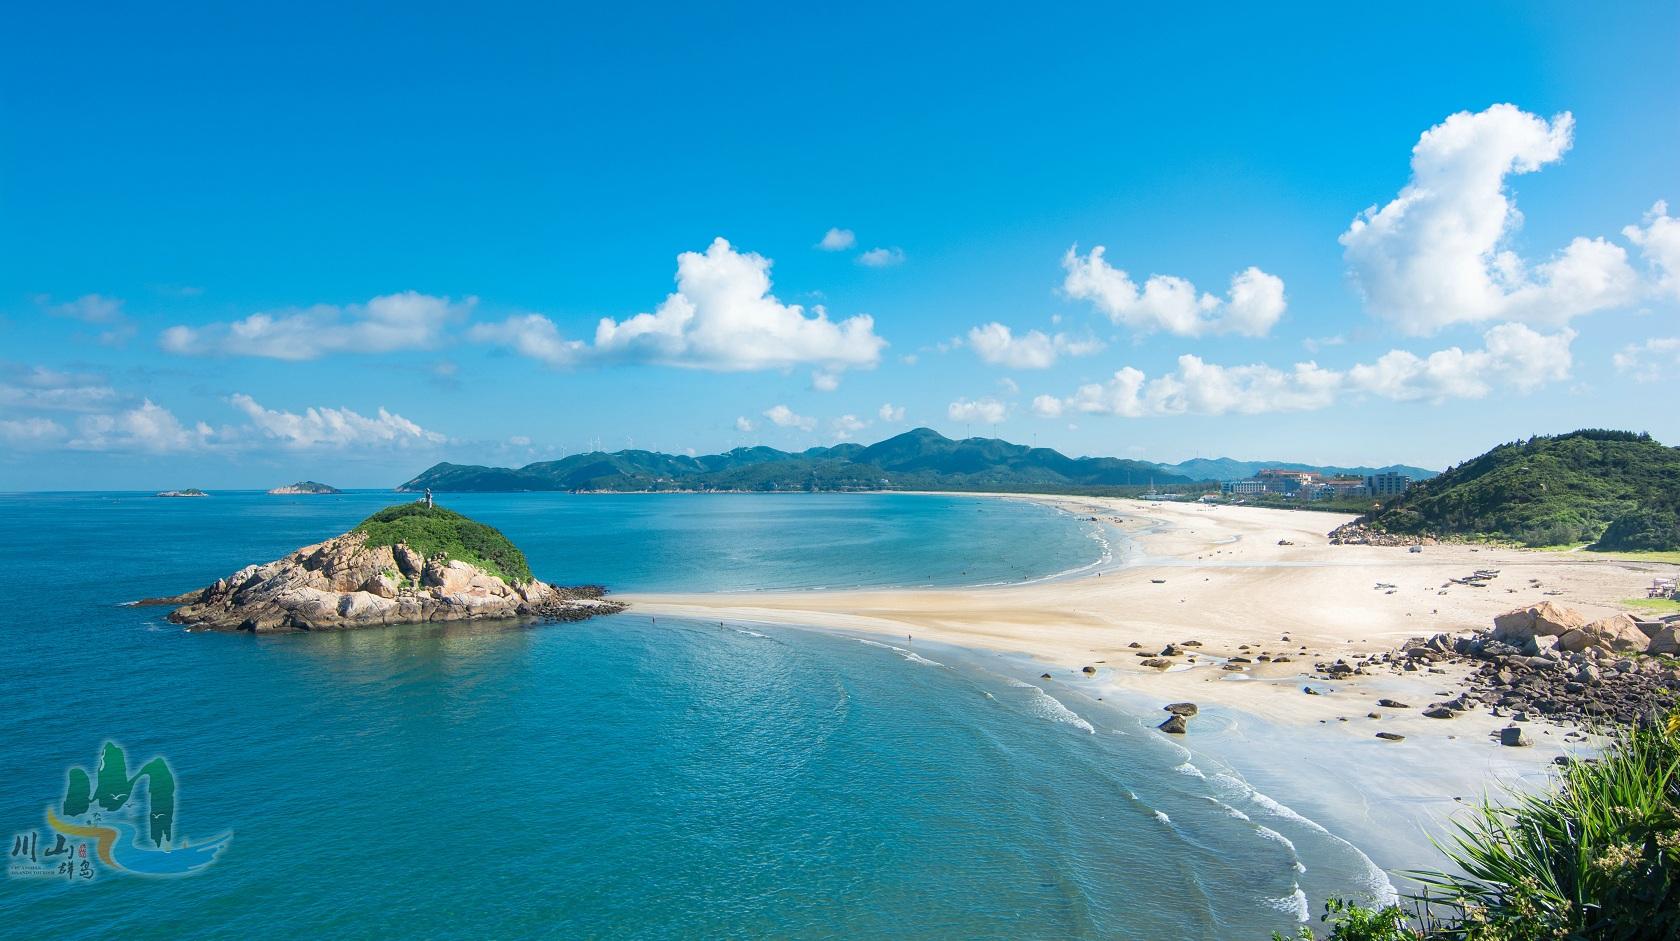 上川島飛沙灘旅遊度假區